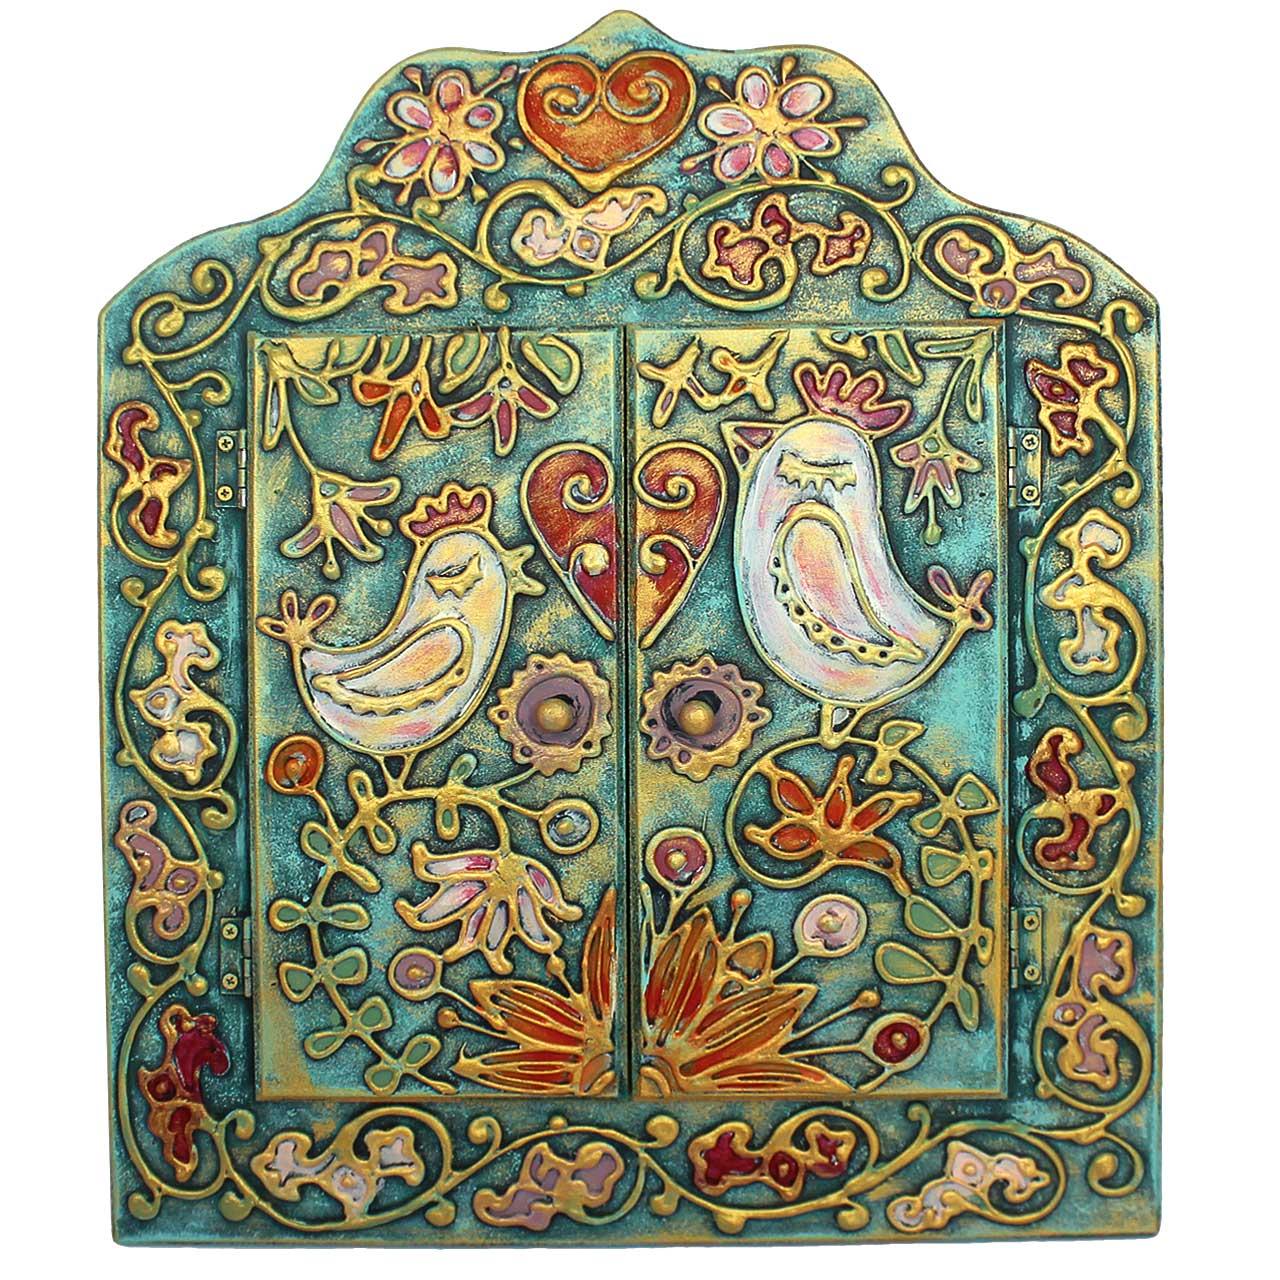 آینه دست نگار طرح باغ پرندگان کد 20-19